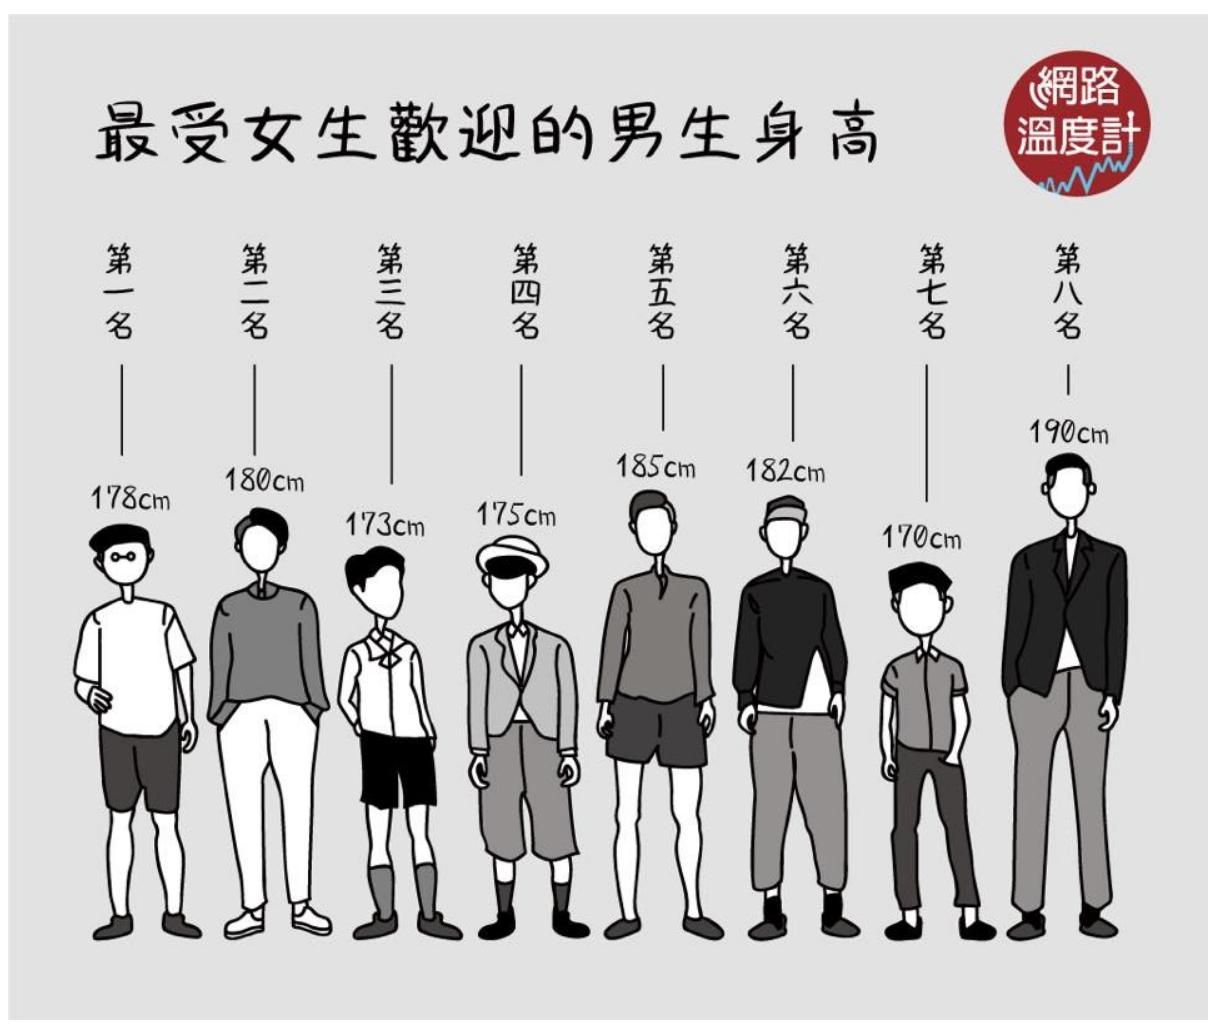 【衝撃】女子が思う、理想の「男性の身長」ランキングwwwwwwwwwwwwのサムネイル画像